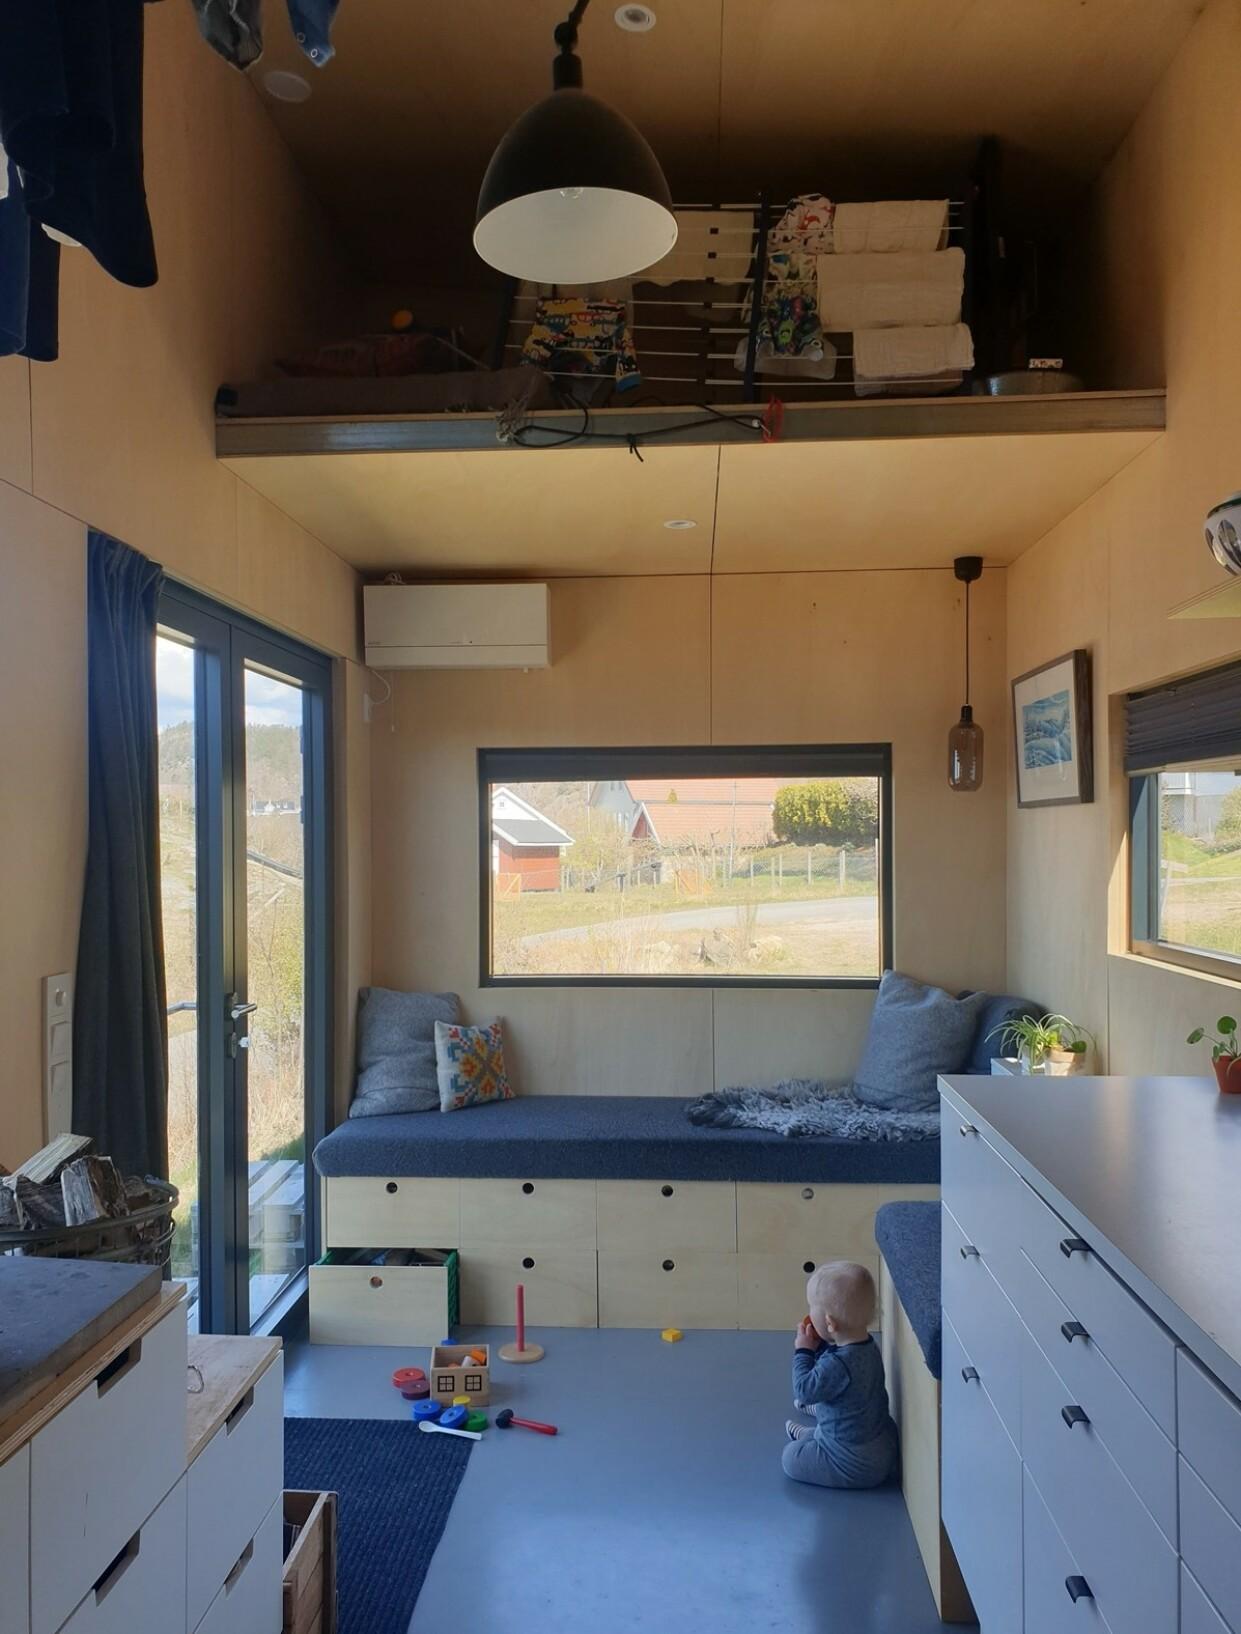 HØYT UNDER TAKET: Den ene hemsen kan brukes som gjesteseng eller til oppbevaring. Store glassdører og vinduer som slipper inn mye lys, får boligen til å virke større. FOTO: Privat